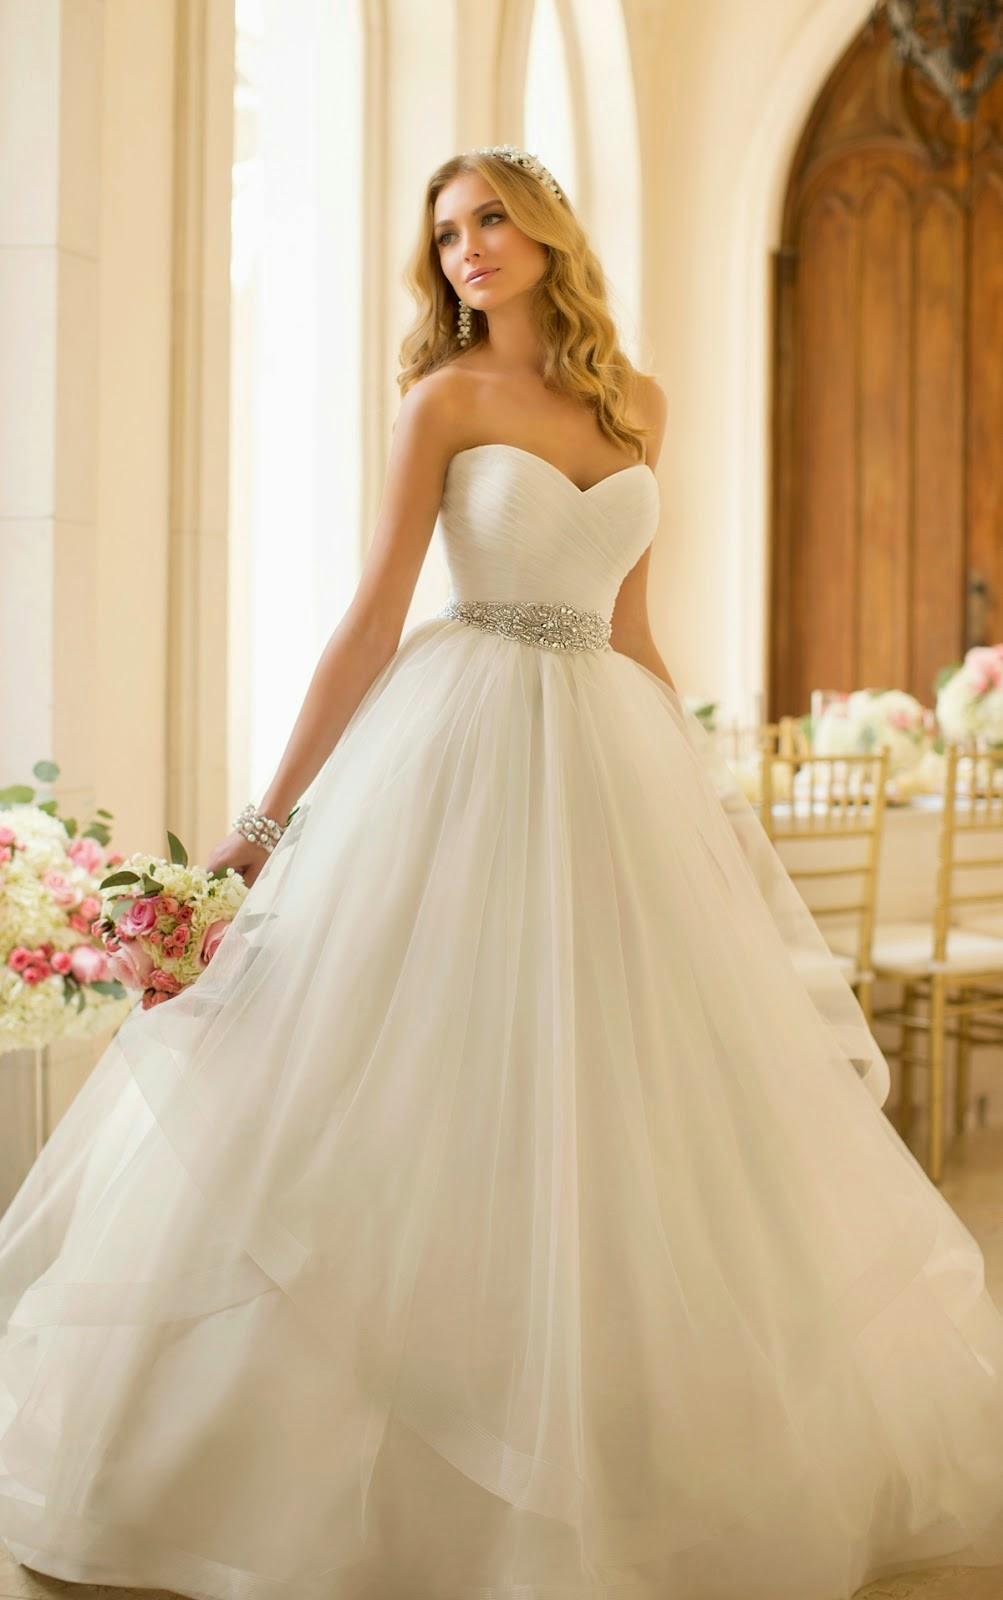 Vestido de fiesta como el vestido de novia